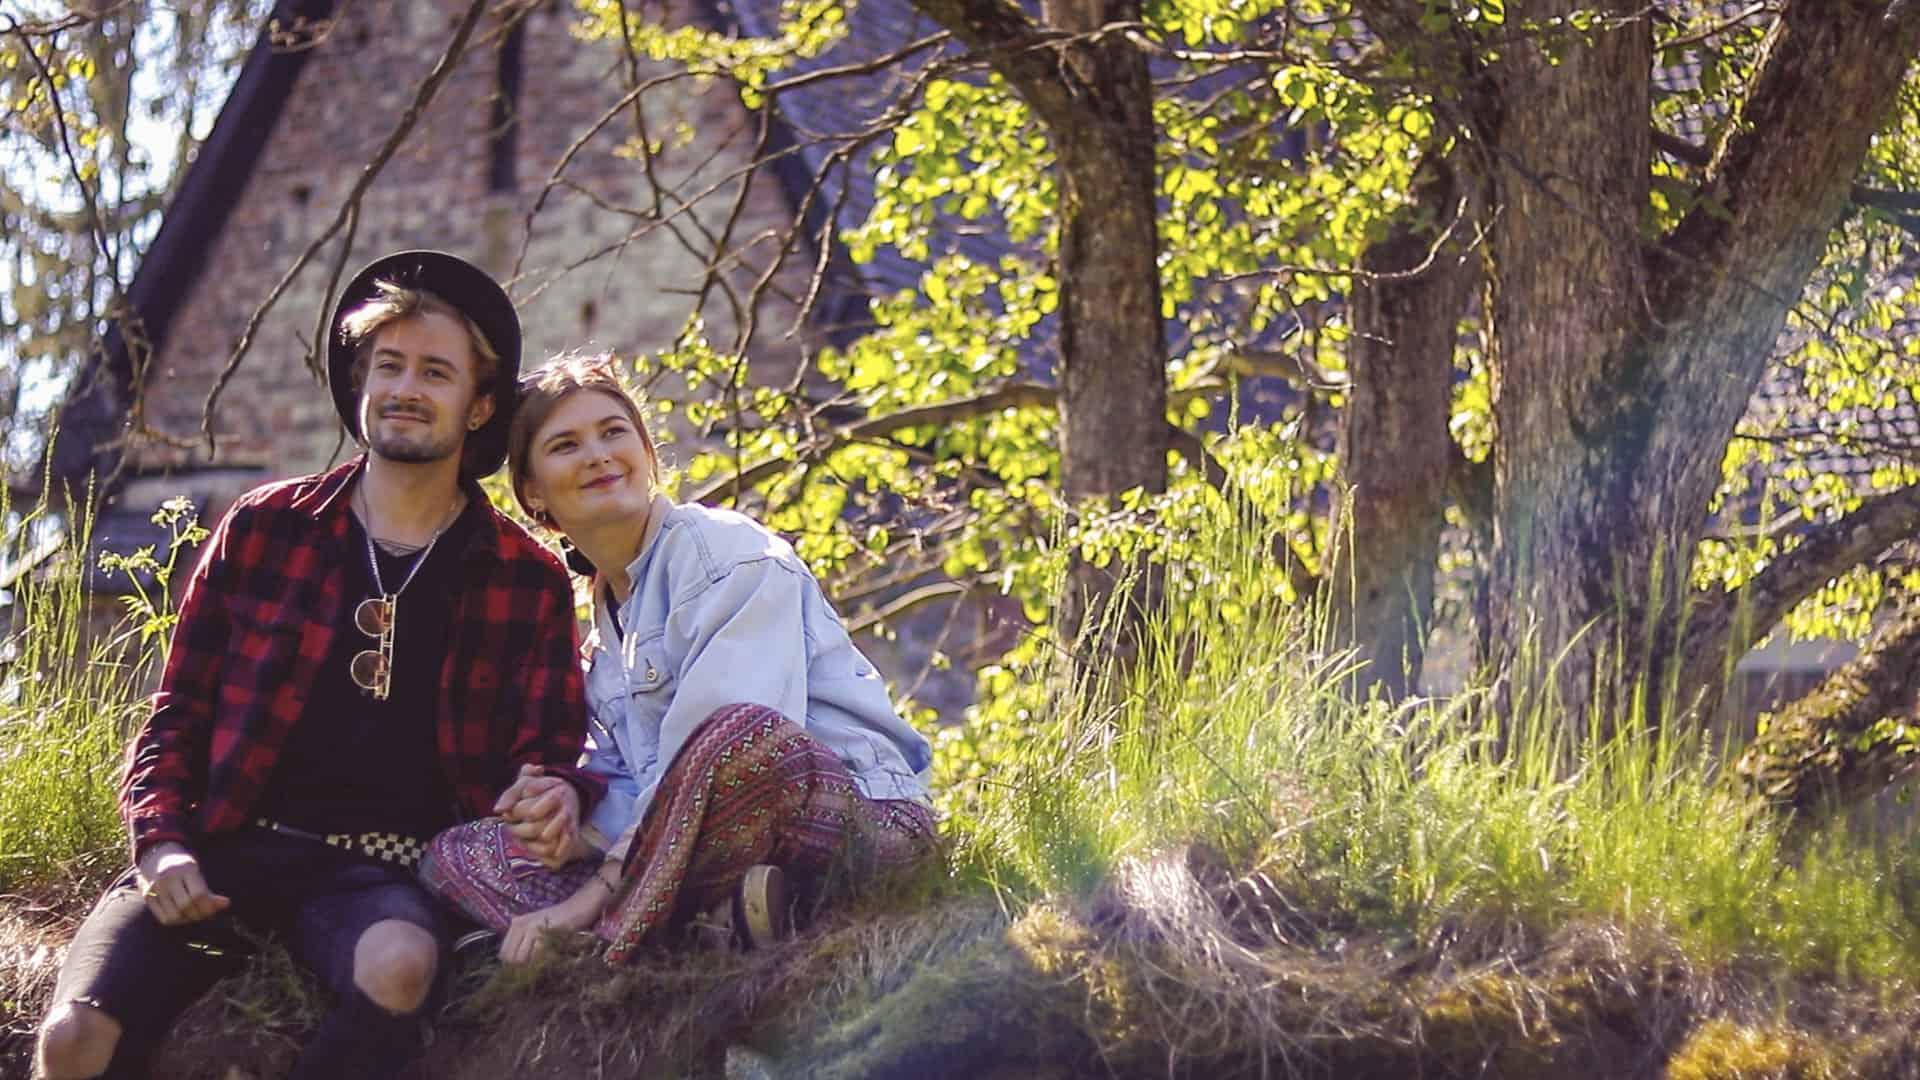 Nuori pariskunta istuu aidan päällä kirkkomaisemassa